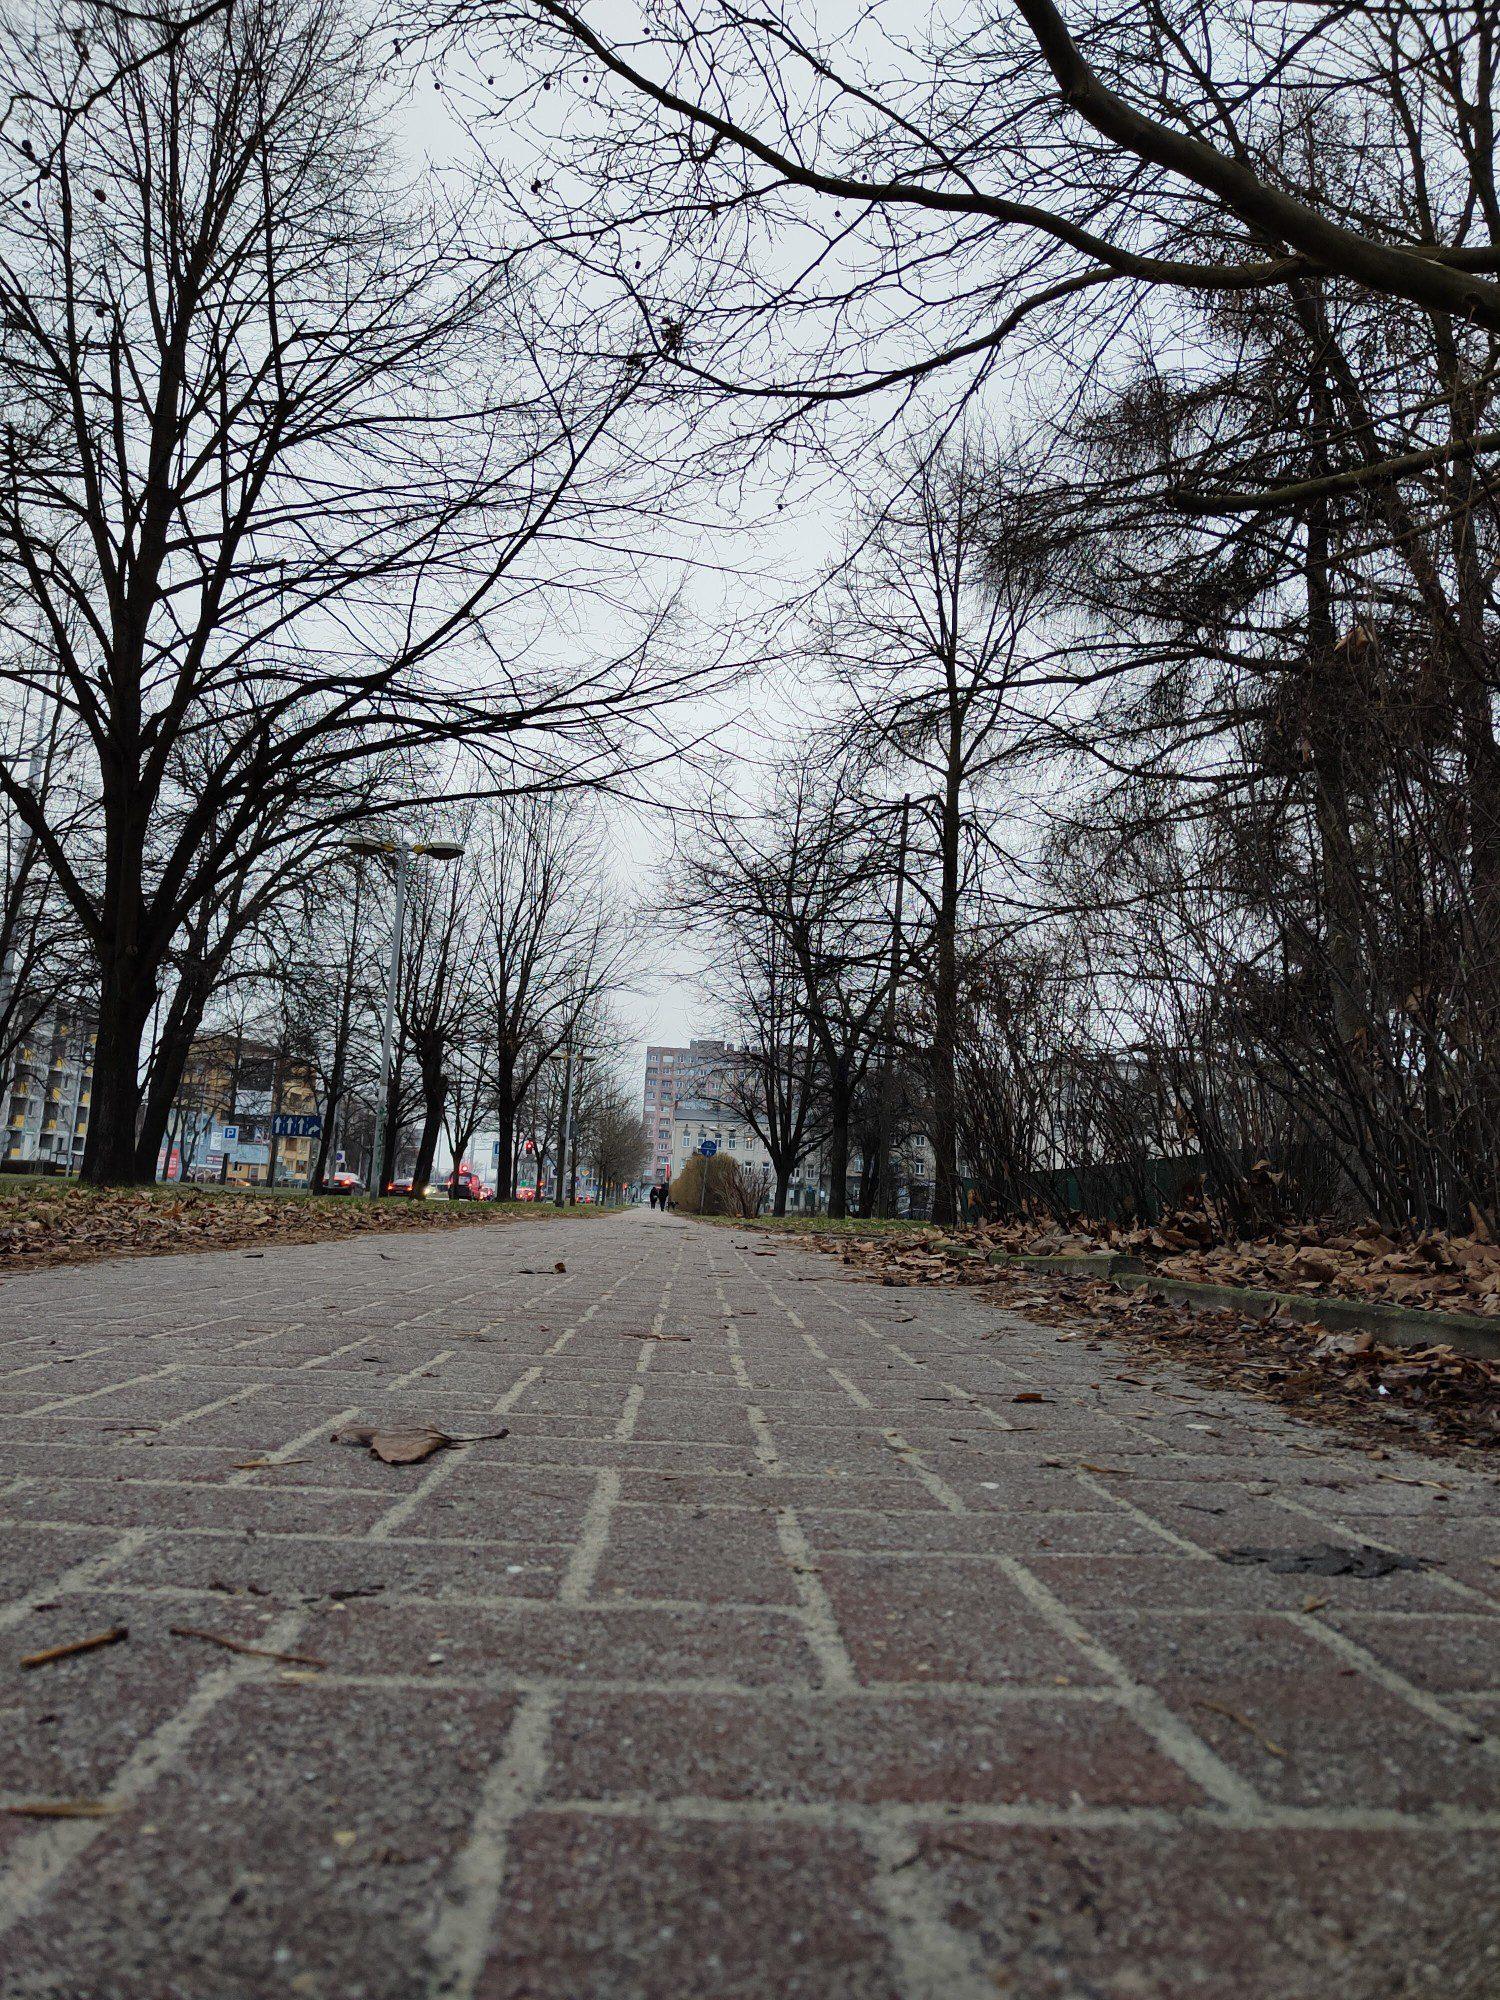 zdjęcie chodnika w trybie standardowym realme 8 pro